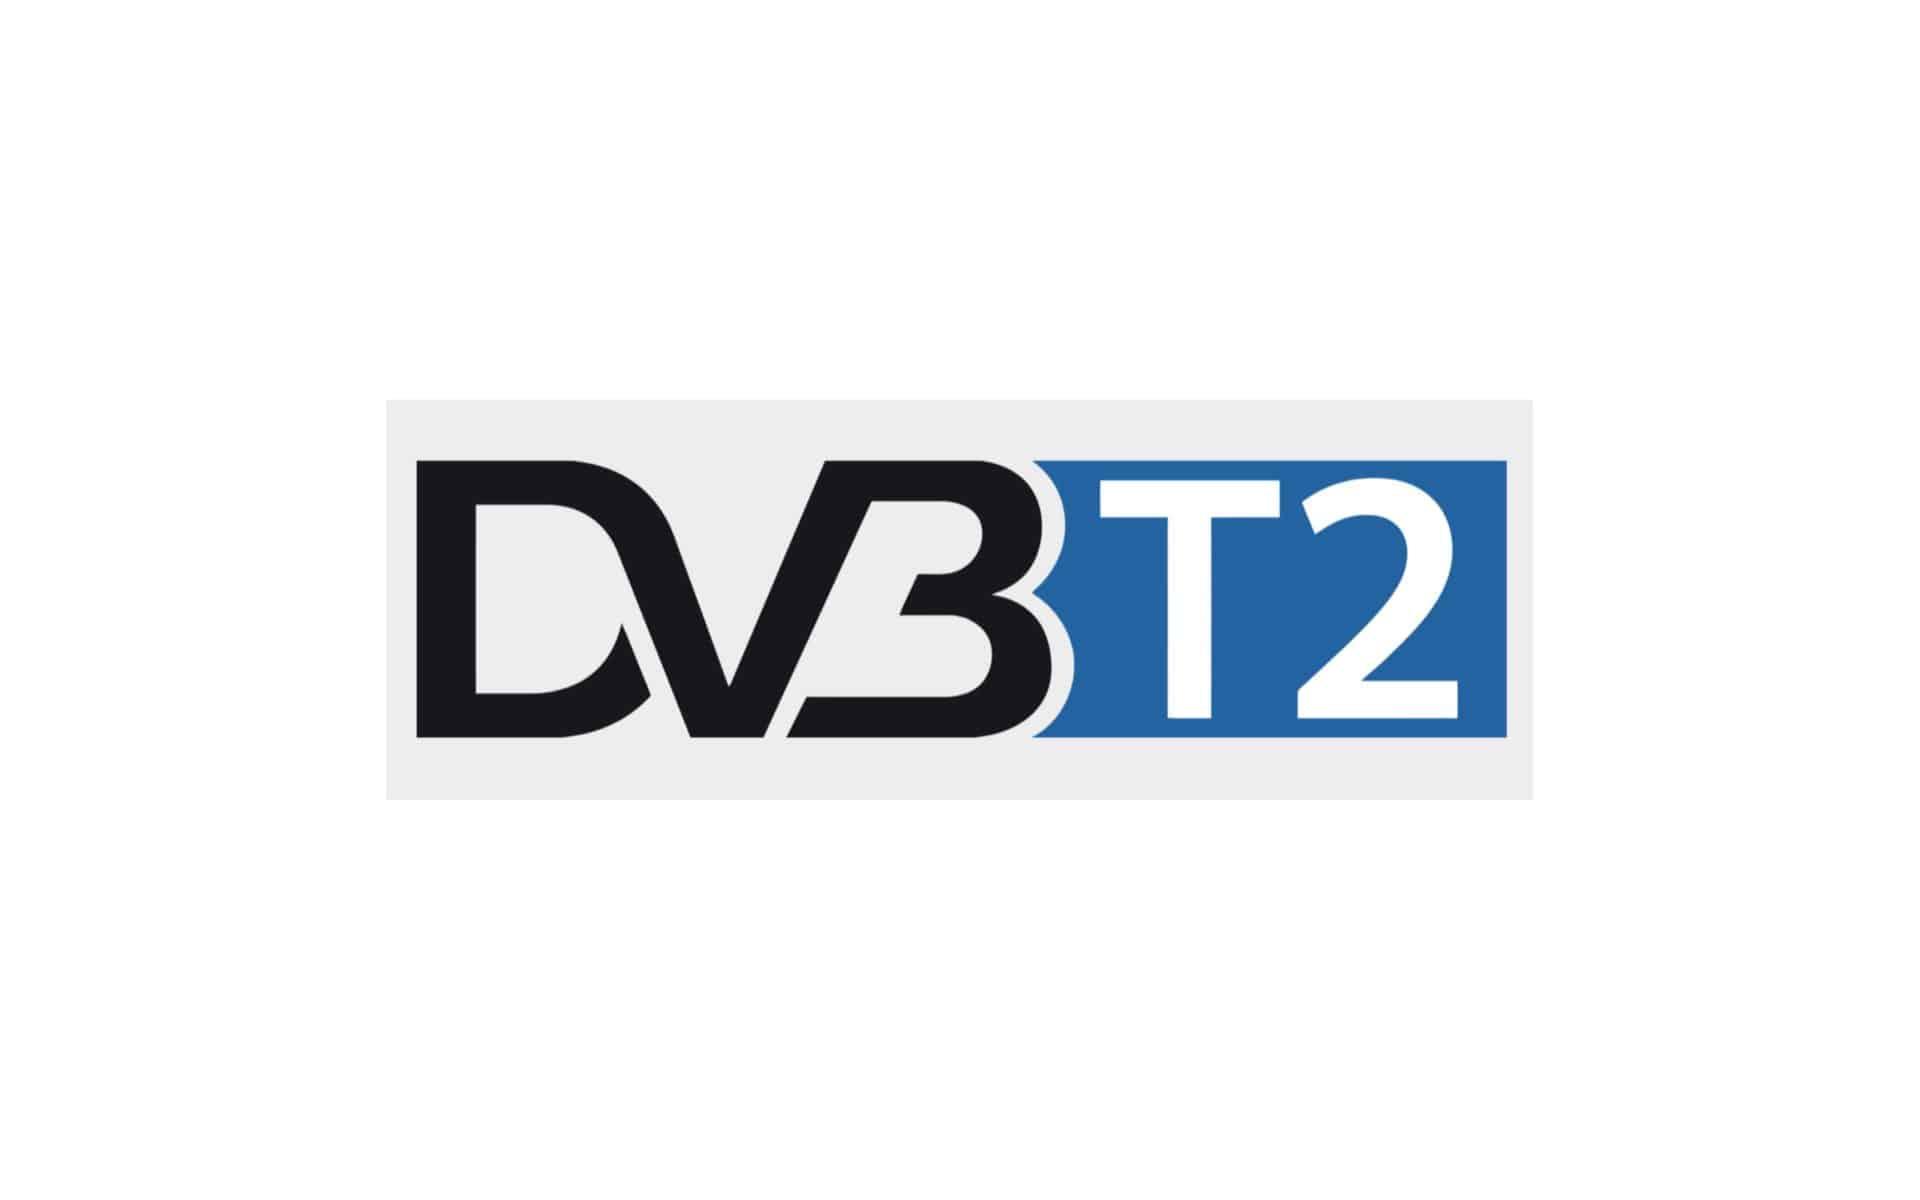 Nový digitální standard. Jak probíhá přechod na DVB-T2?